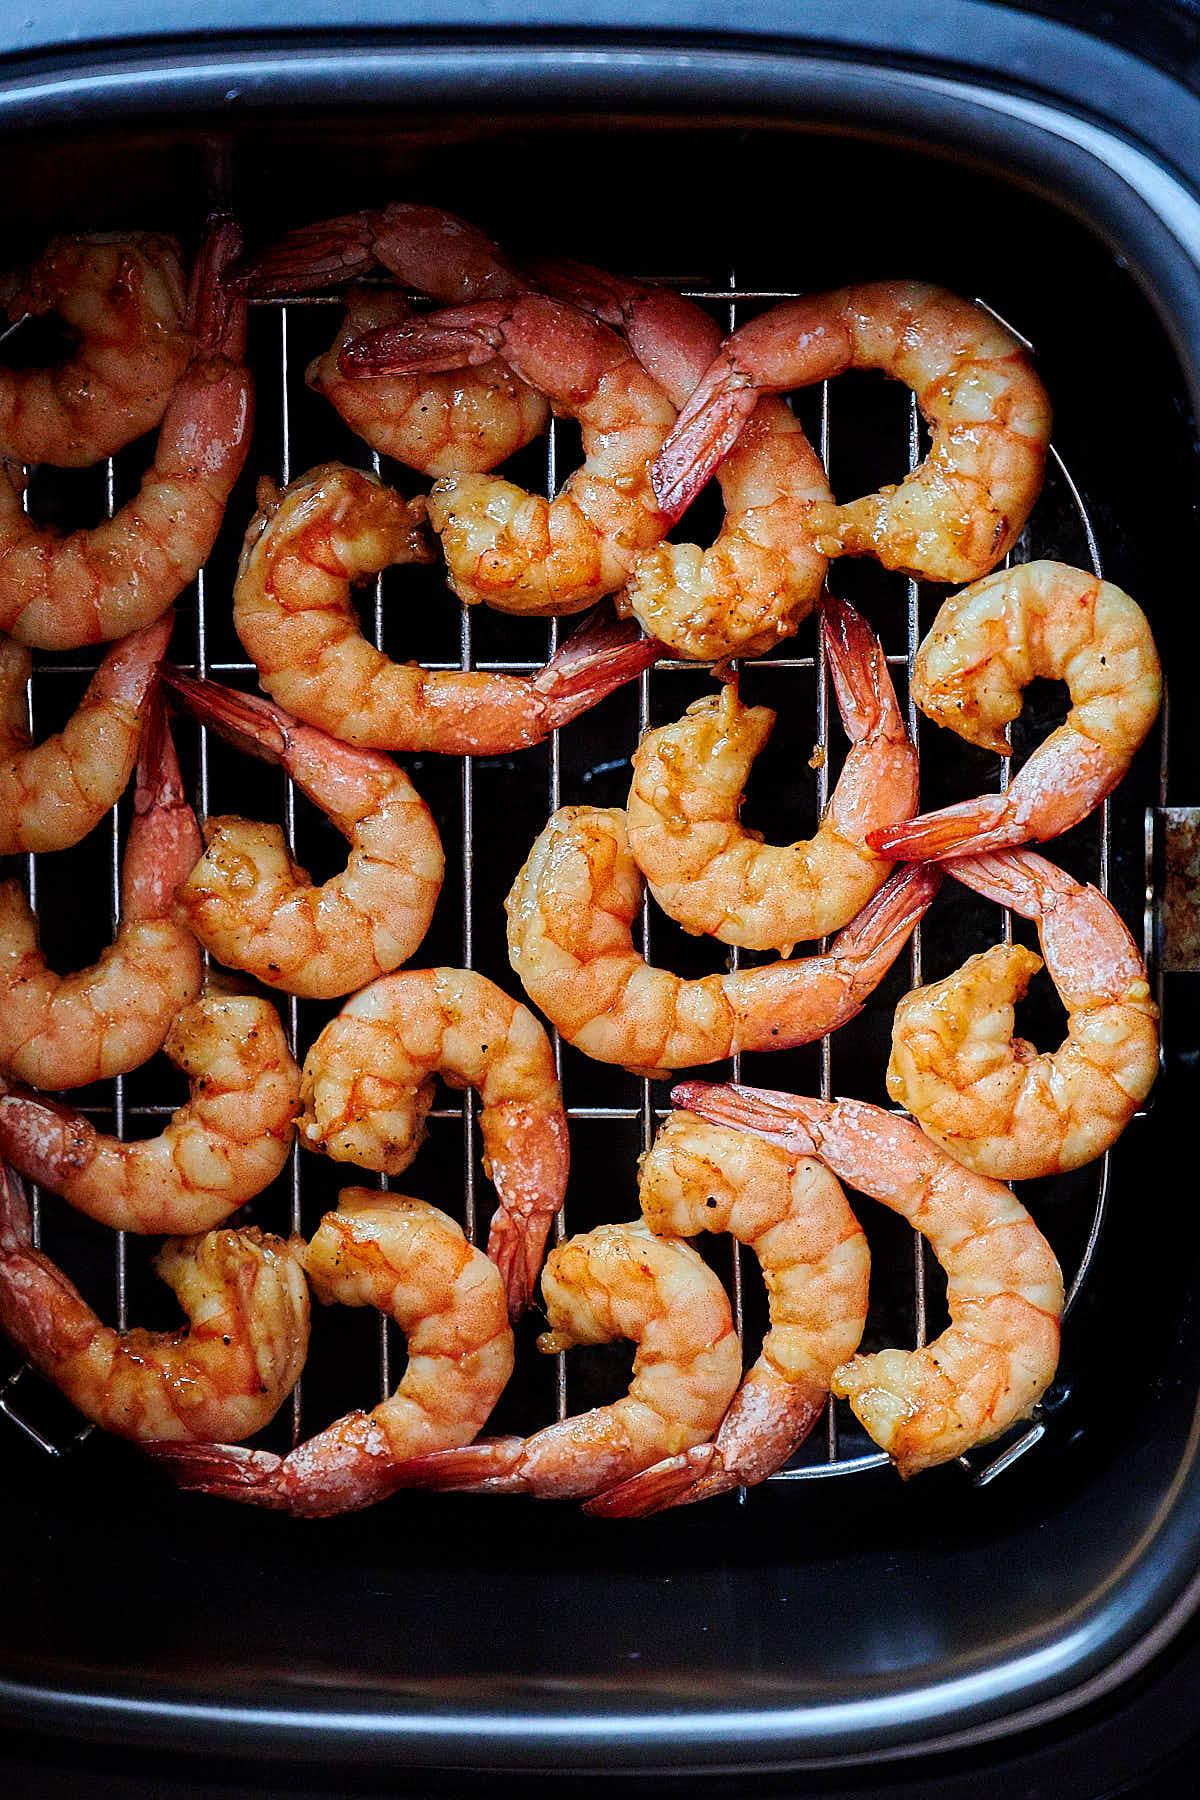 Air Fryer Shrimp Asian Inspired Craving Tasty